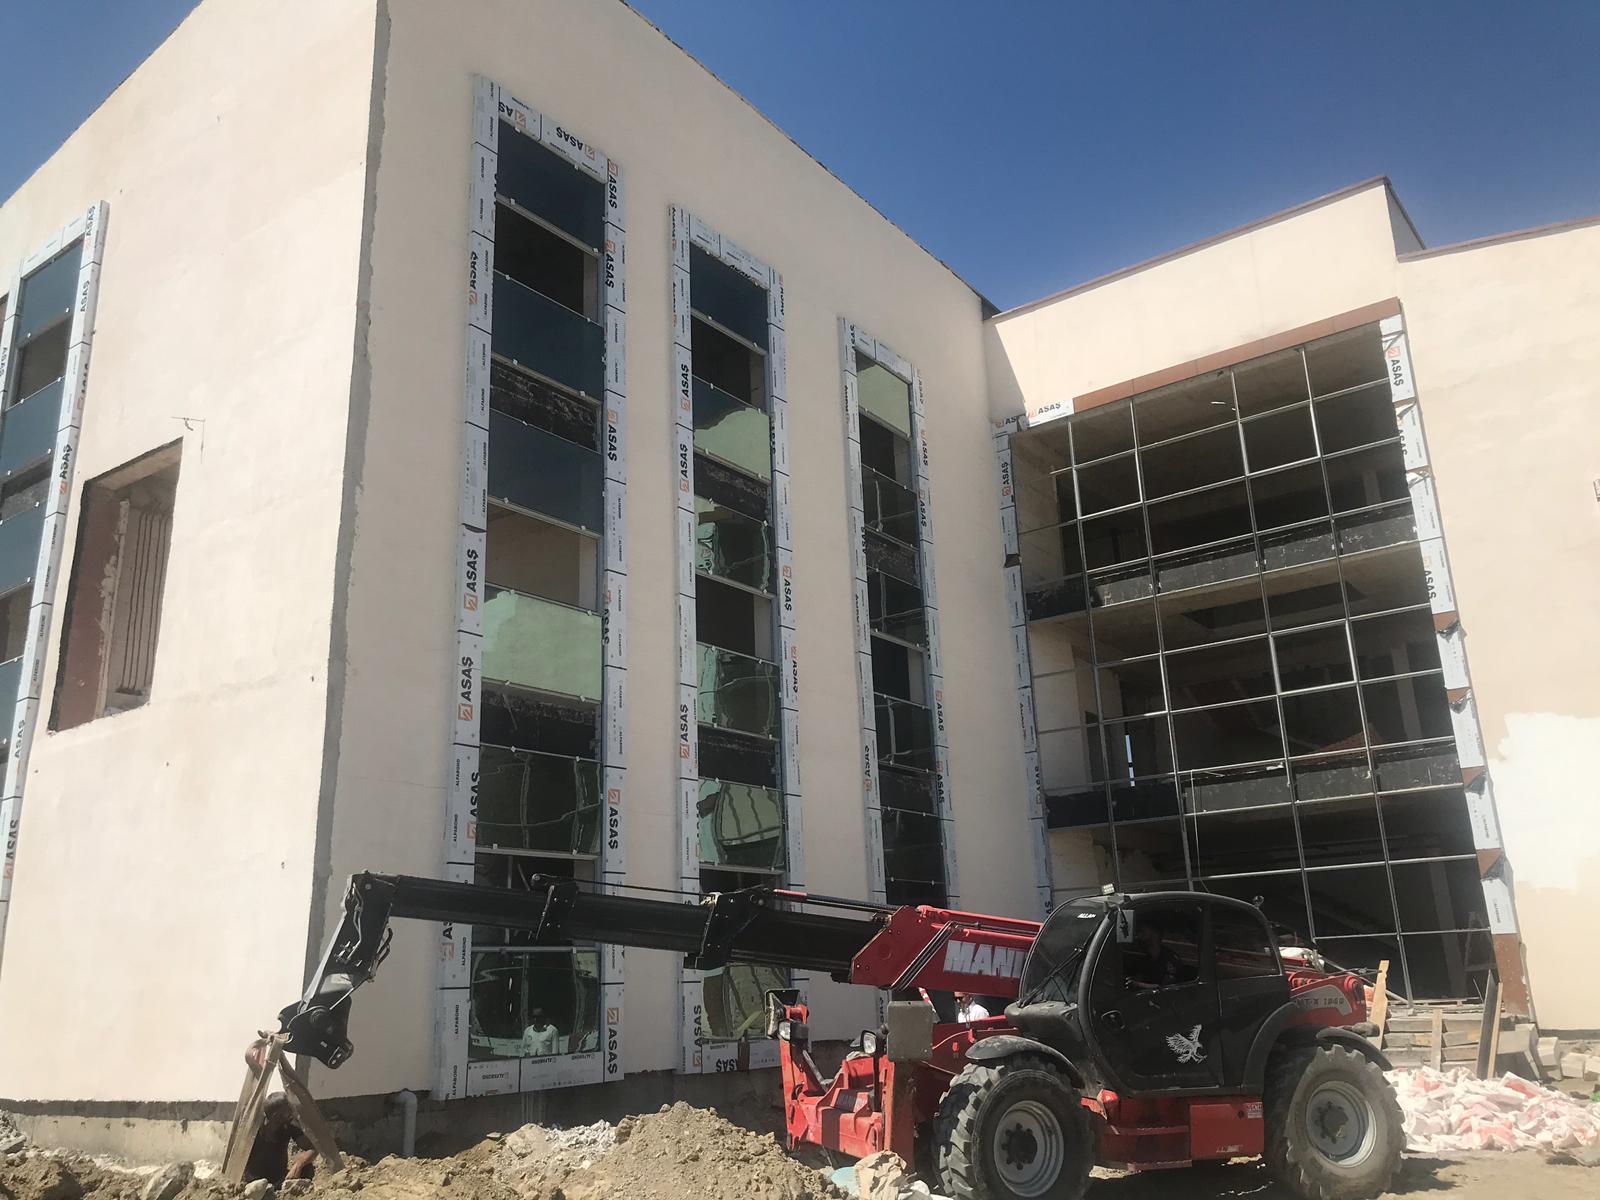 Hakkari İli Yüksekova İlçesinde yapımı devam eden İnşaat İncelemeleri